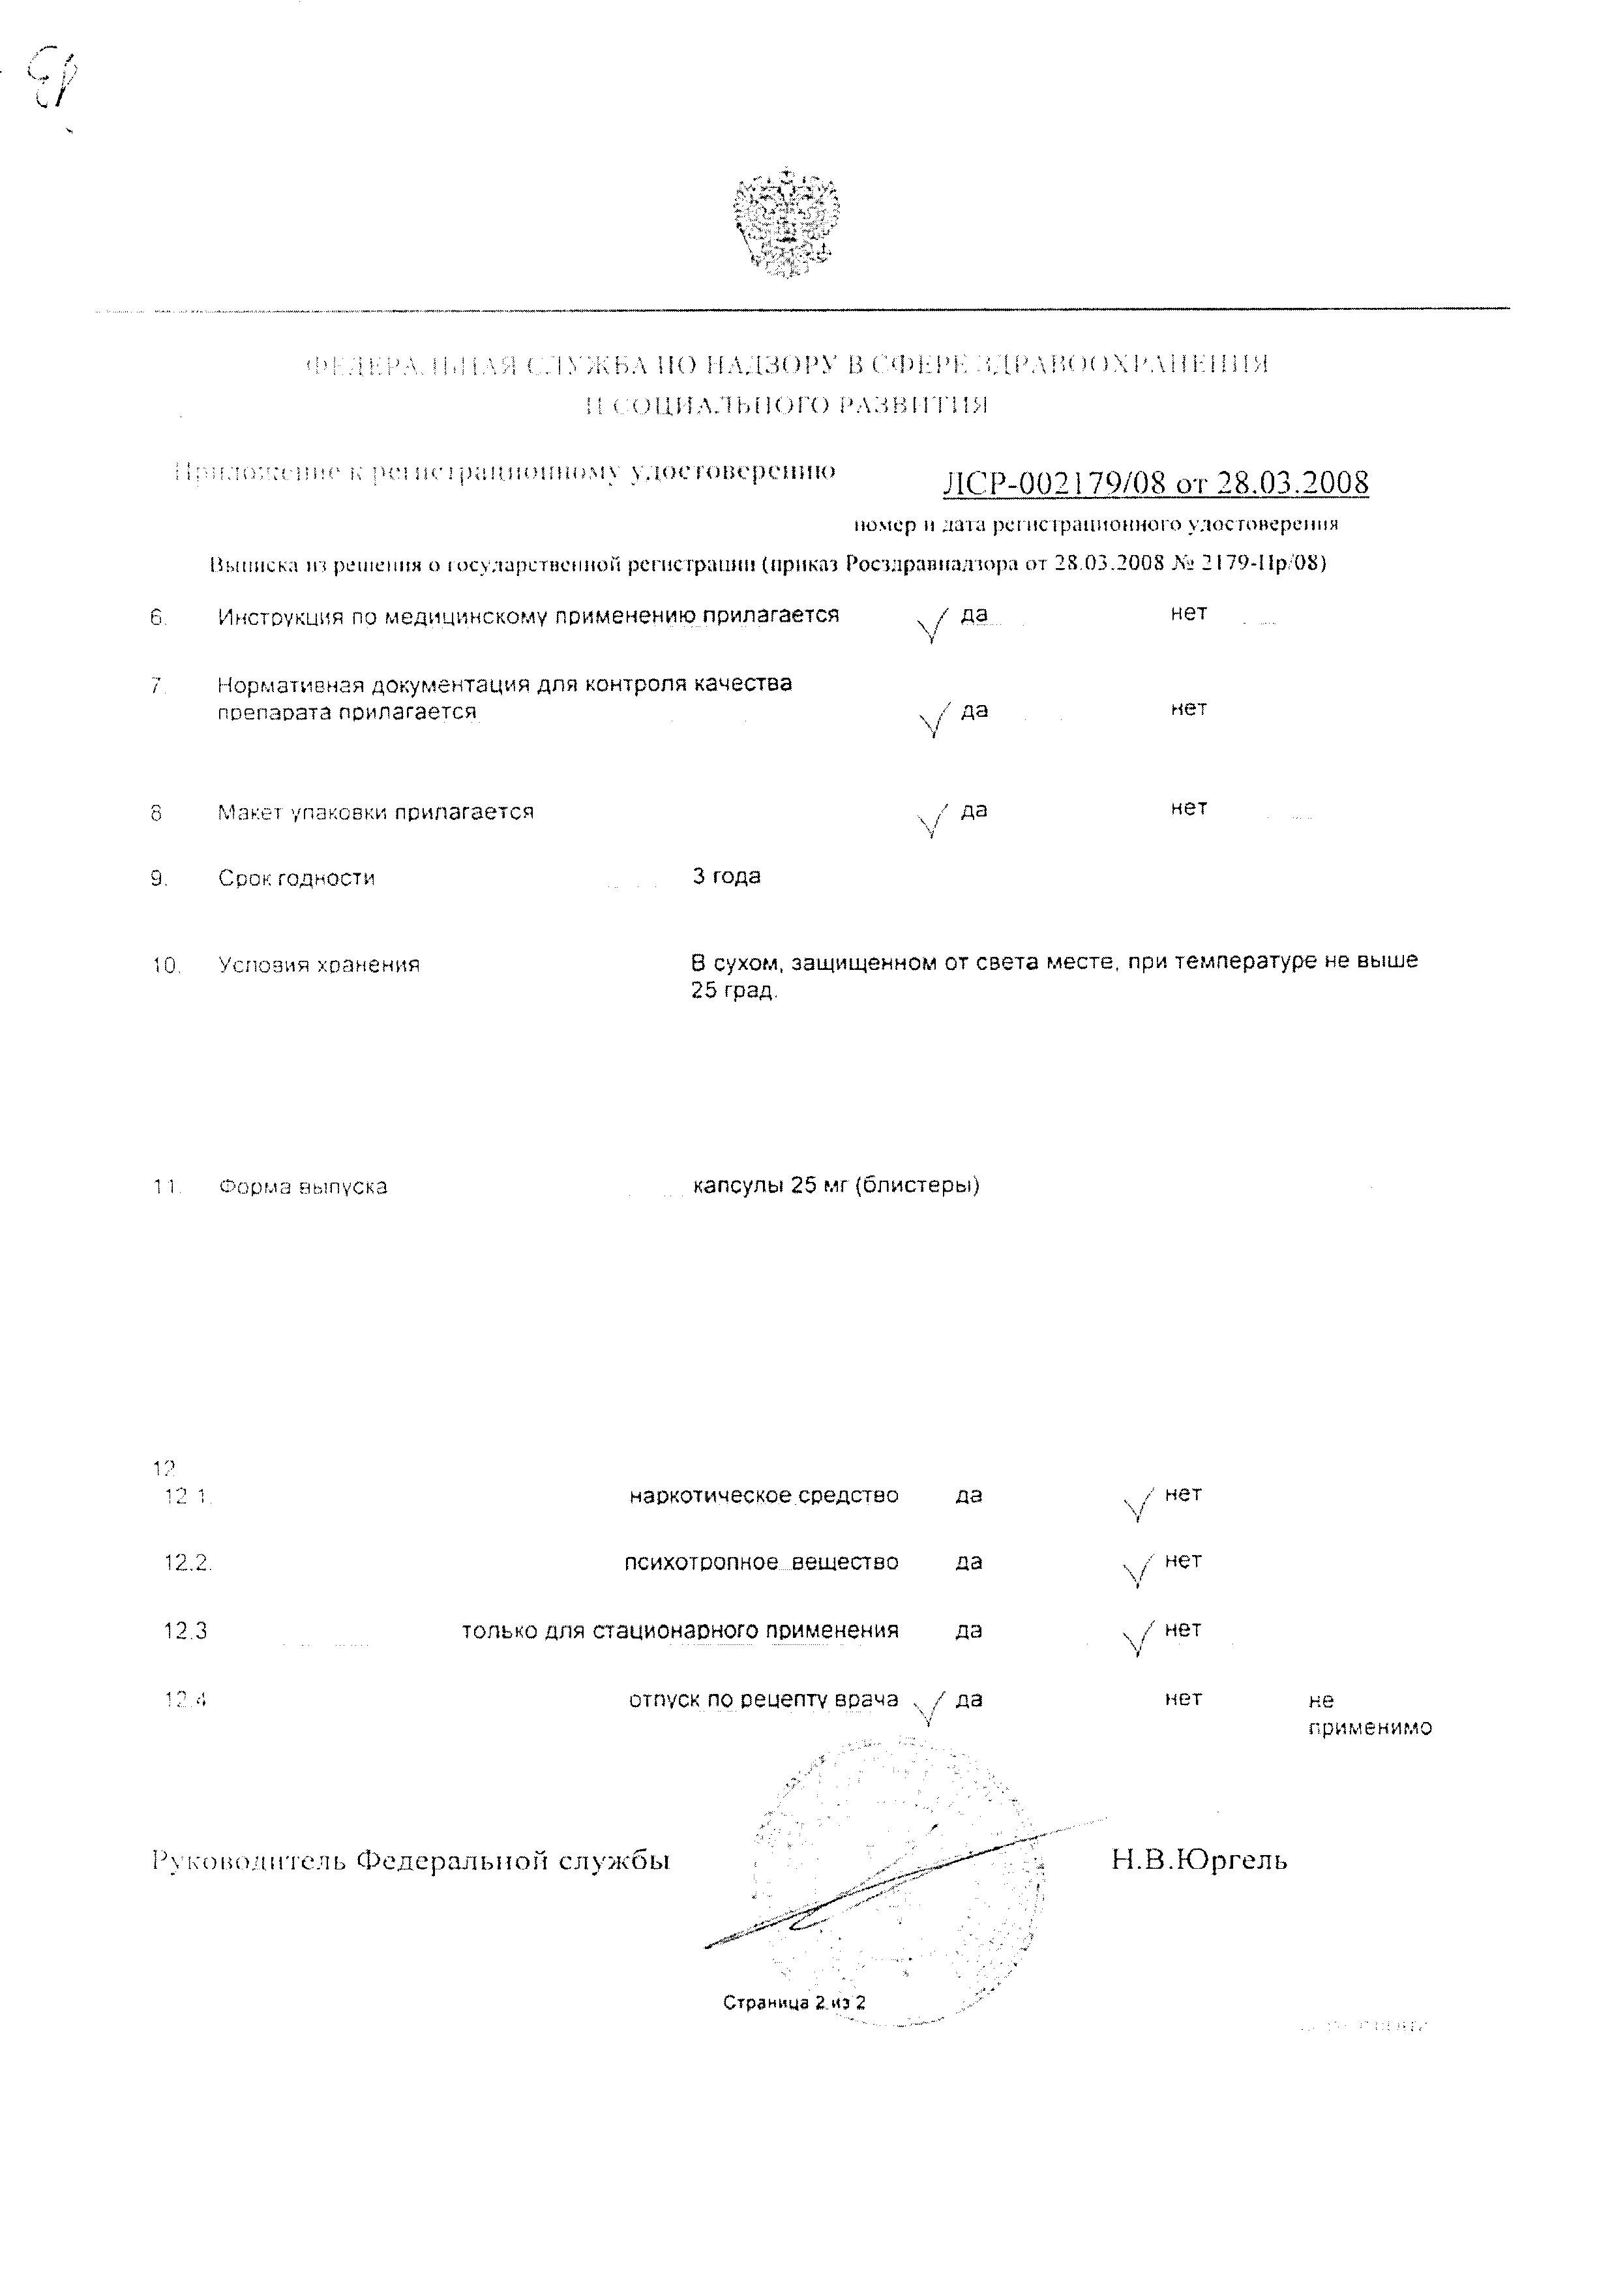 Фурамаг сертификат